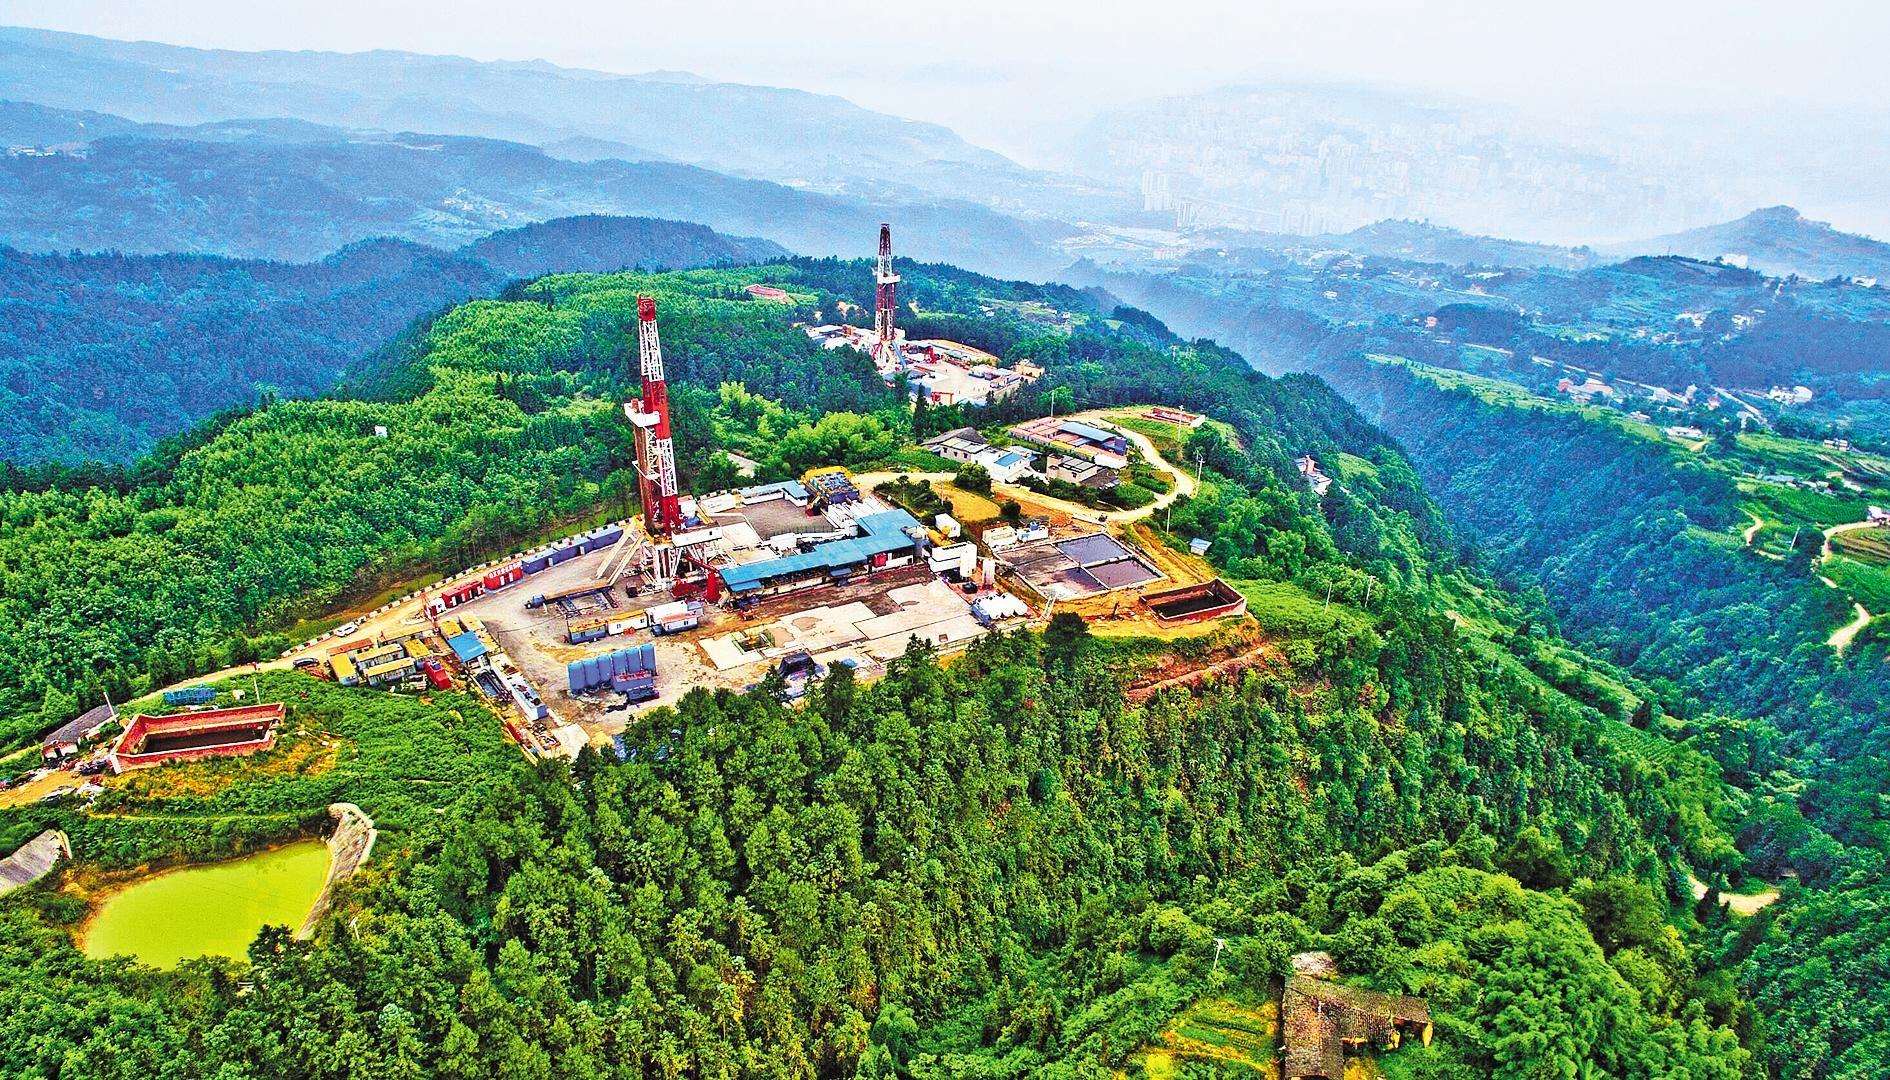 累计产出页岩气270亿方 江汉油田涪陵项目获国家金奖